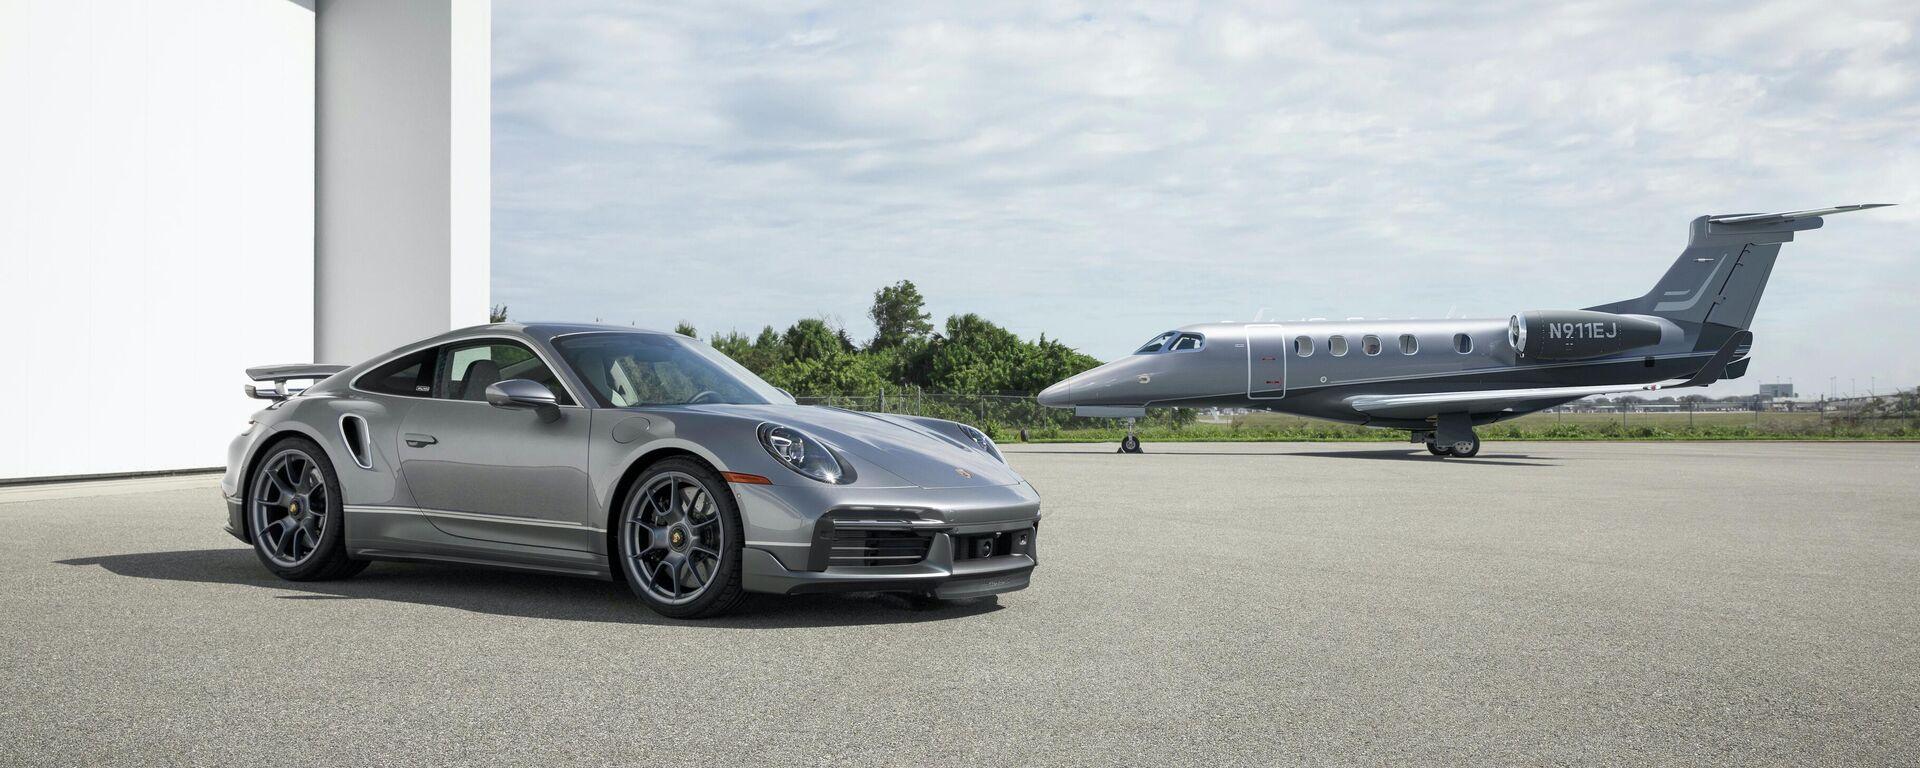 Un Porsche 911 Turbo S y un jet Embraer Phenom 300E de la edición especial 'Duet' - Sputnik Mundo, 1920, 02.07.2021